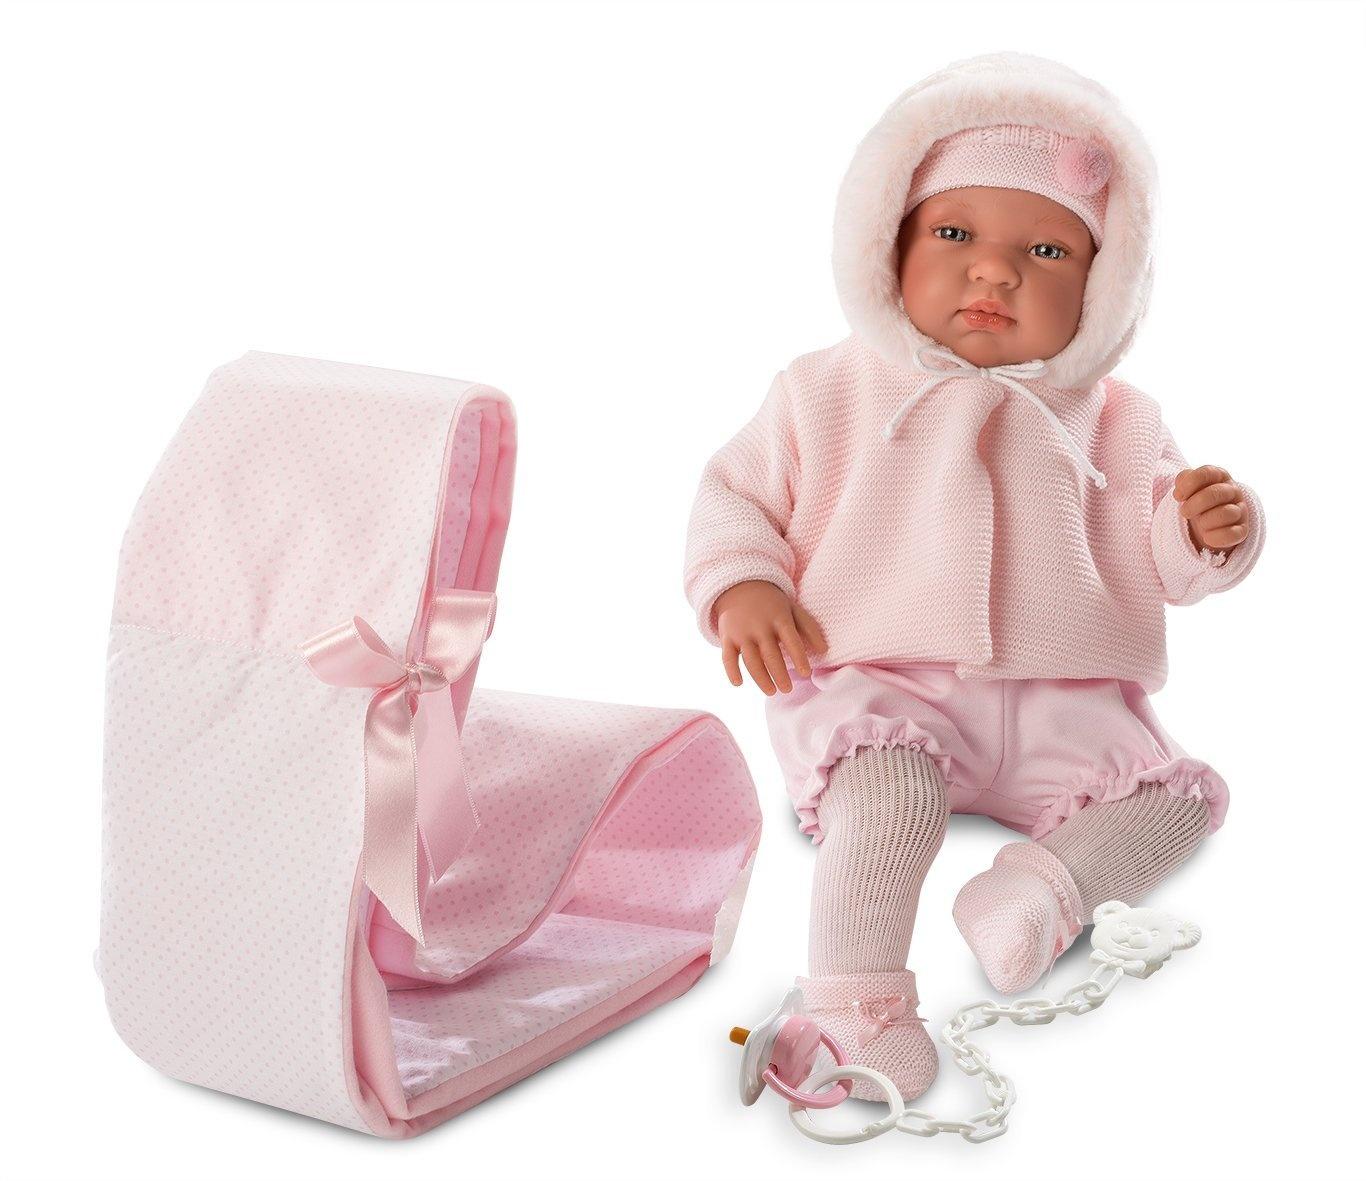 73874ef26783 Muñecos bebé Llorens 84313 Newborn Tino 43 cm Doll Muñecas y accesorios